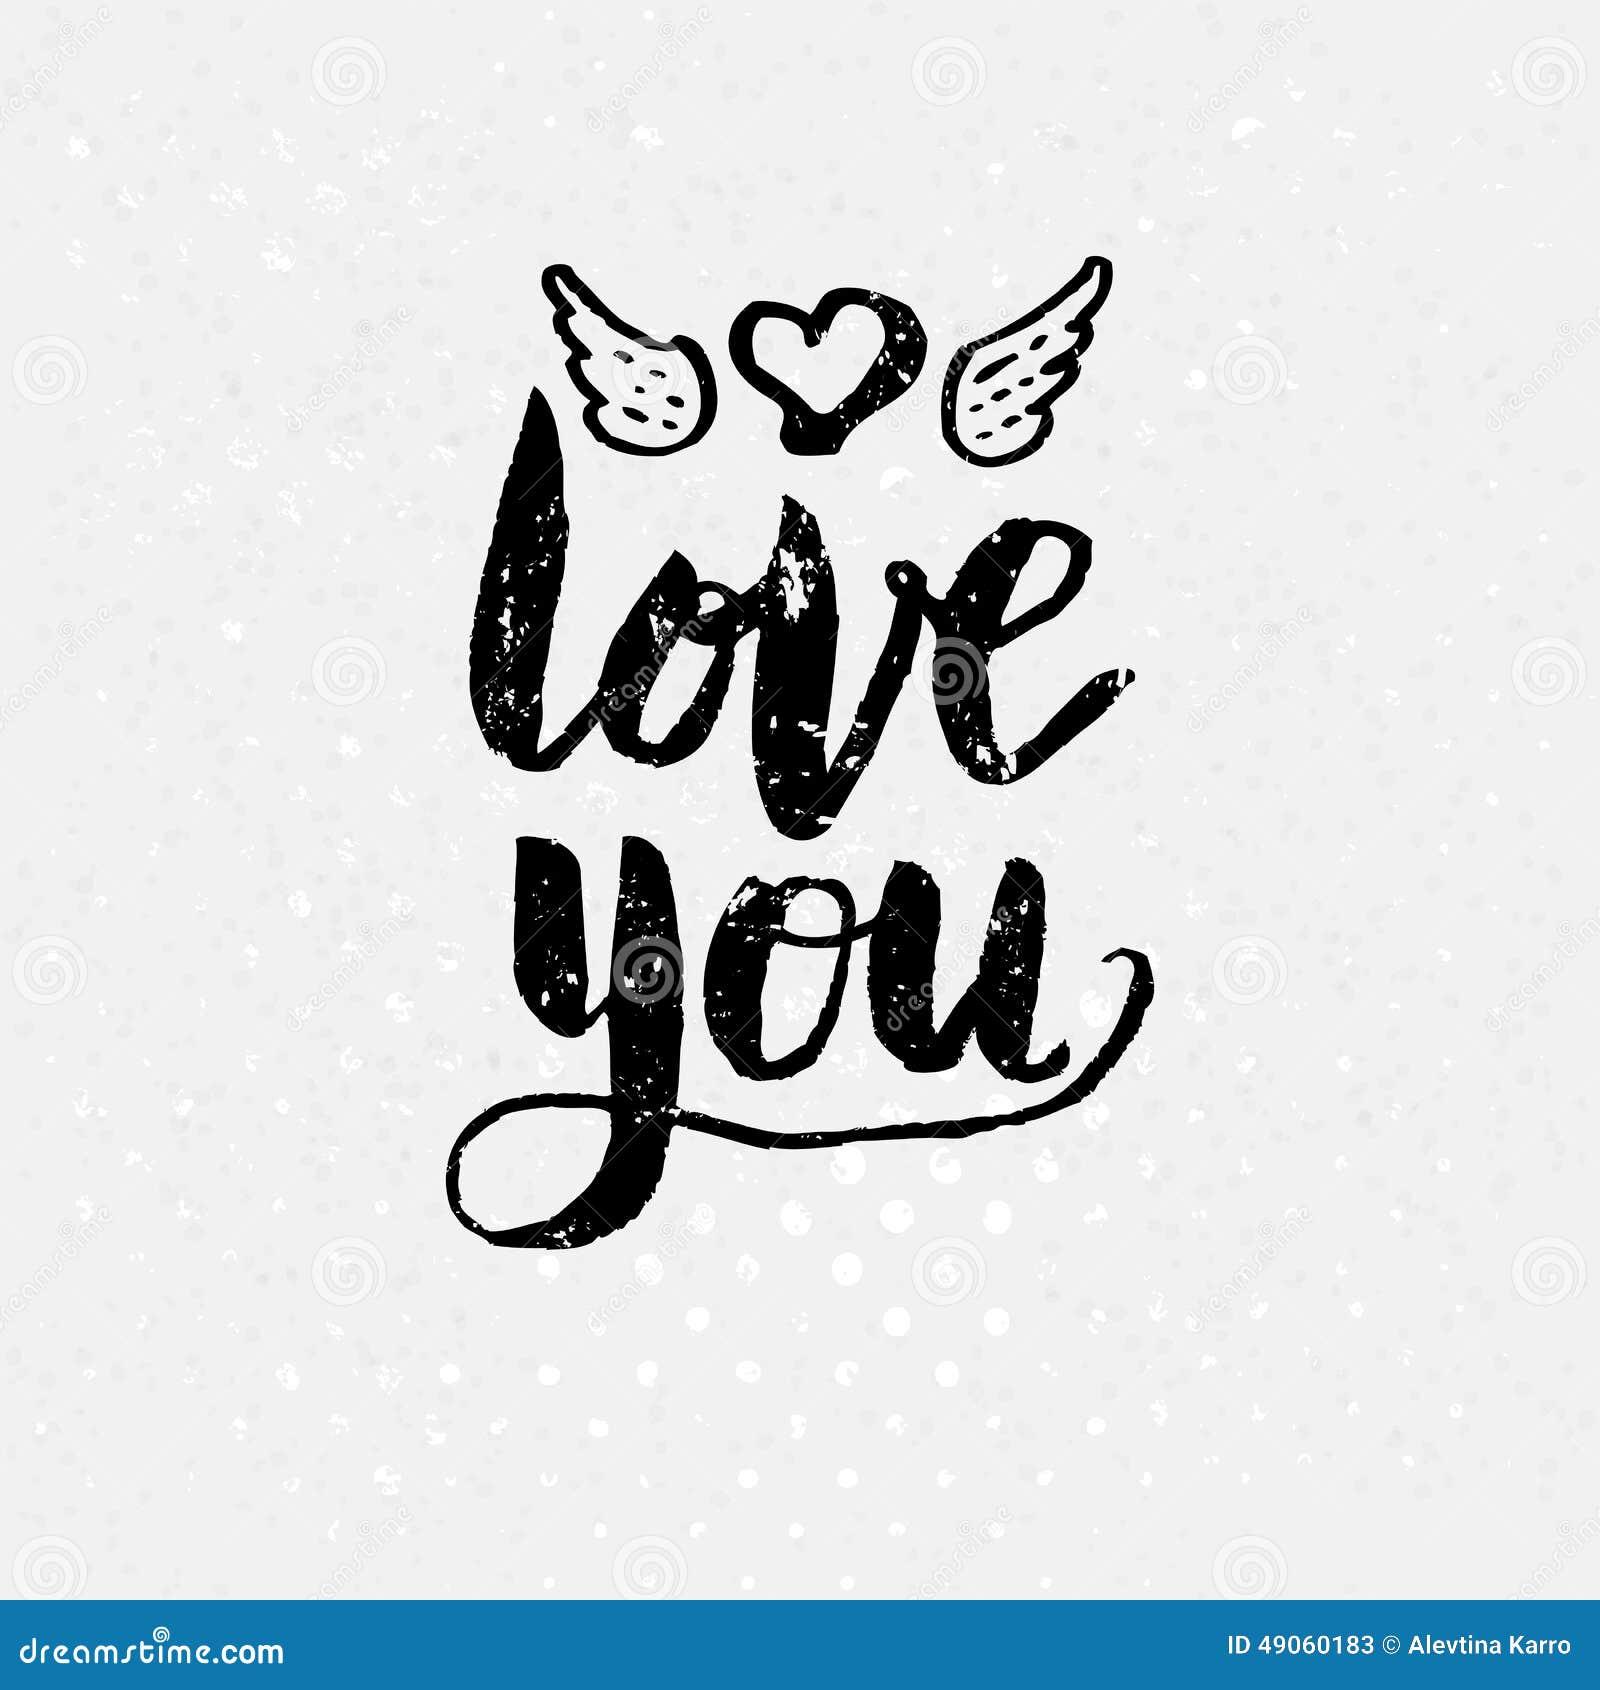 Imágenes en blanco y negro con frases de amor - Mil Recursos